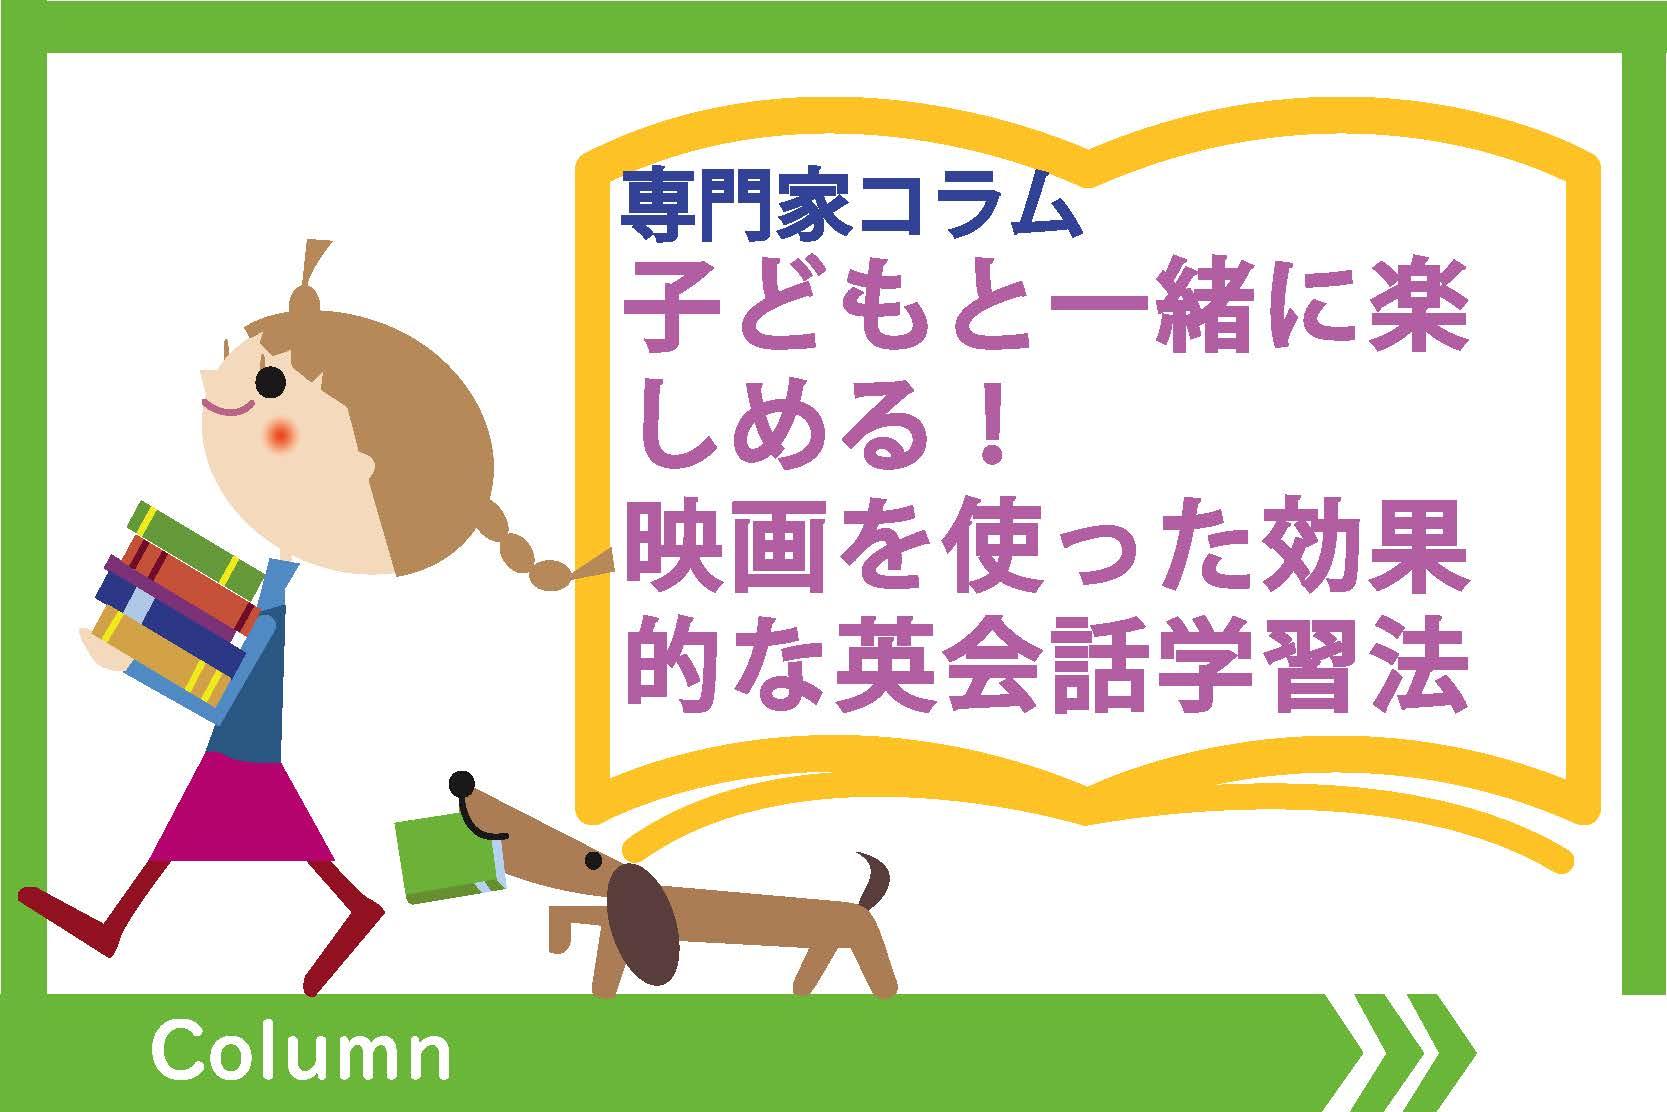 【専門家コラム】子どもと一緒に楽しめる!映画を使った効果的な英会話学習法